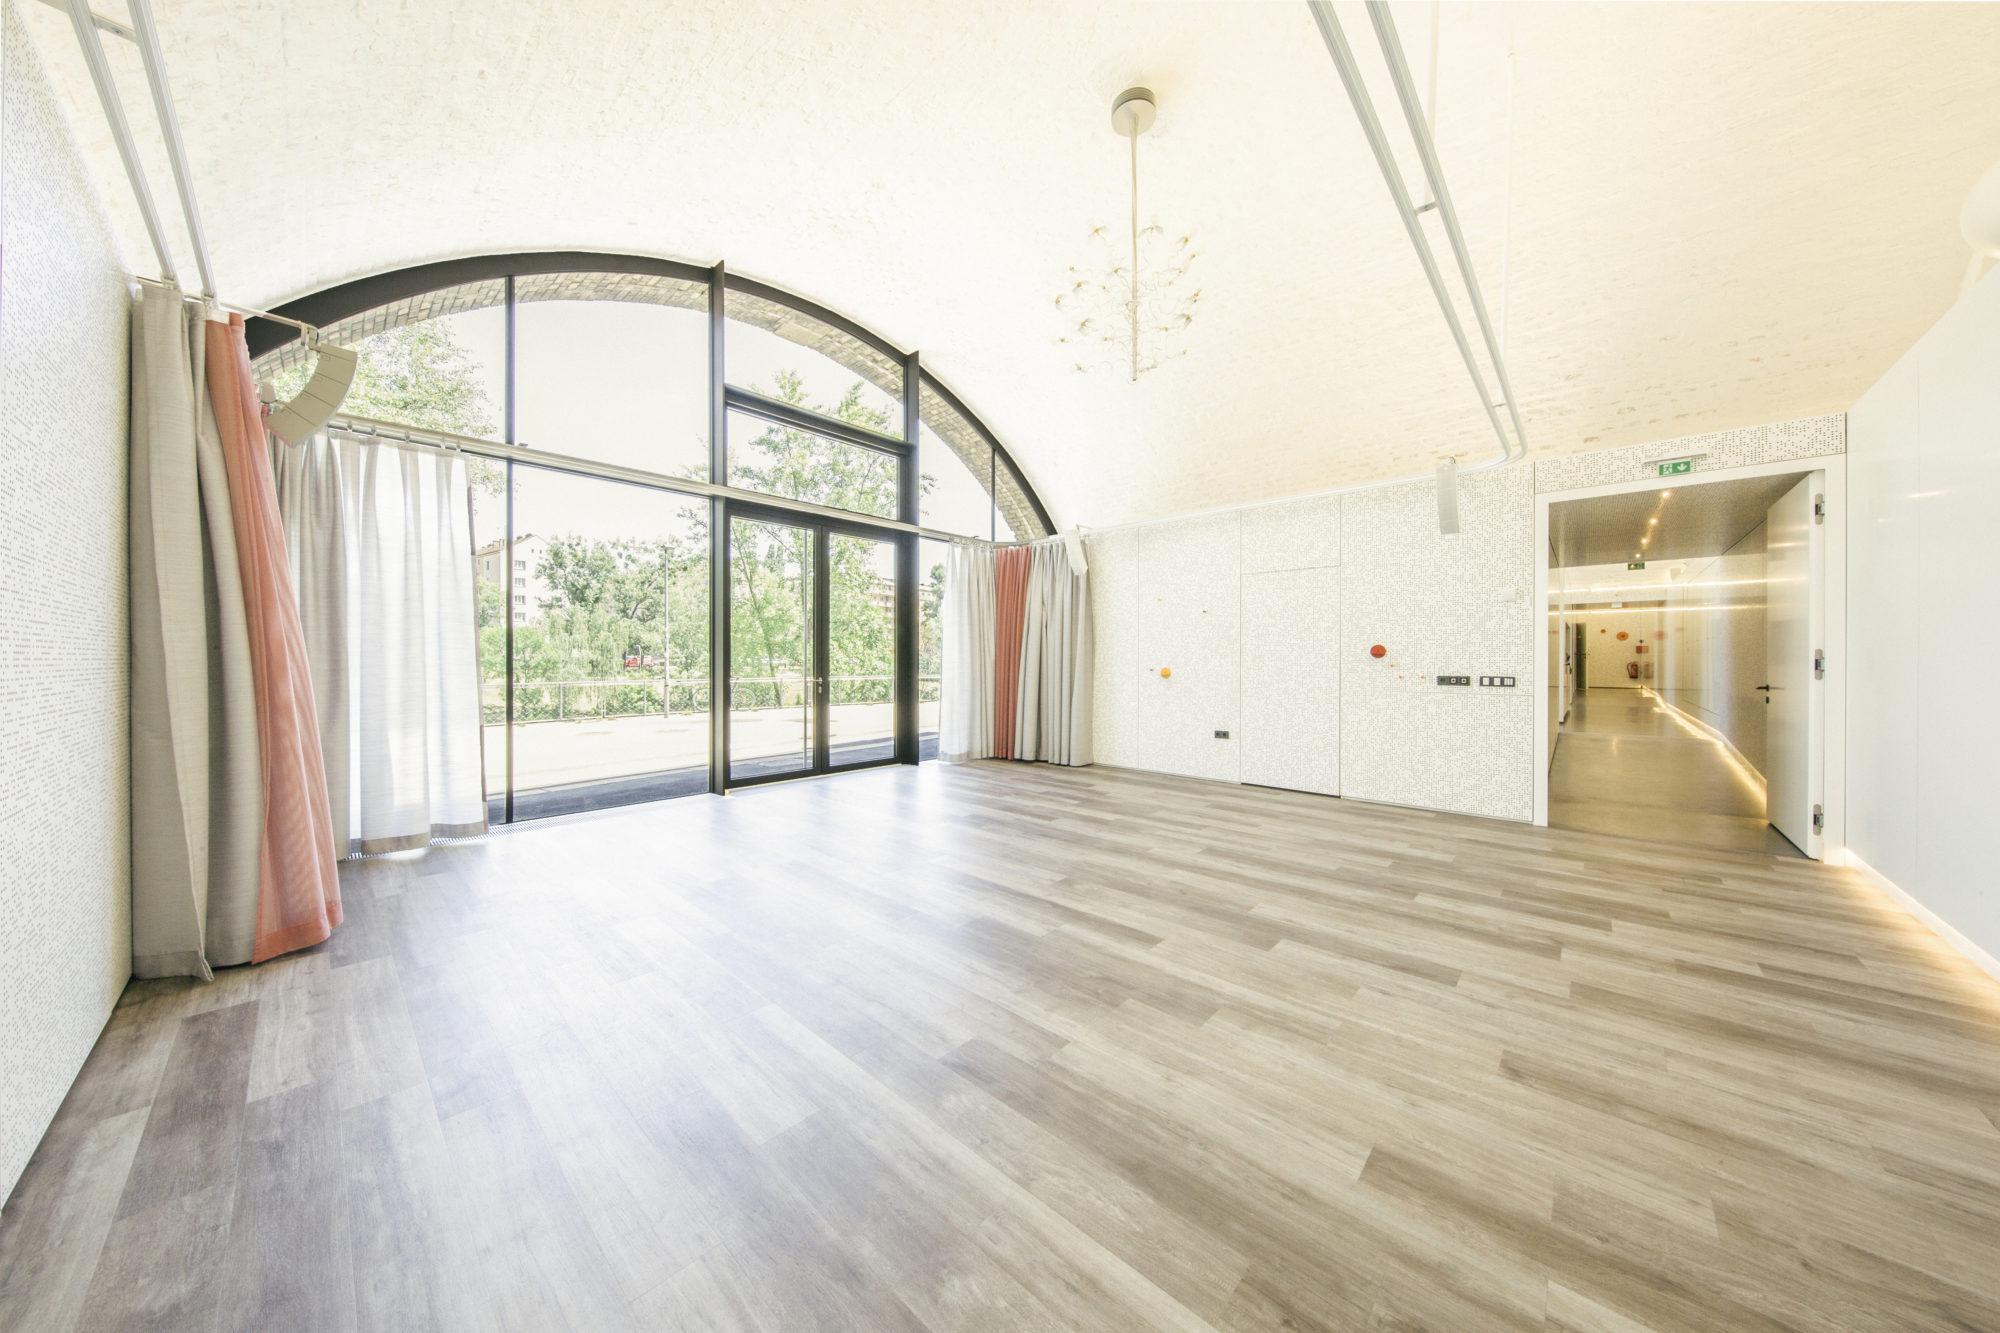 Großer Tanzbogen Studio 1 mit Blick in den Gang, der zum Studio 2 führt